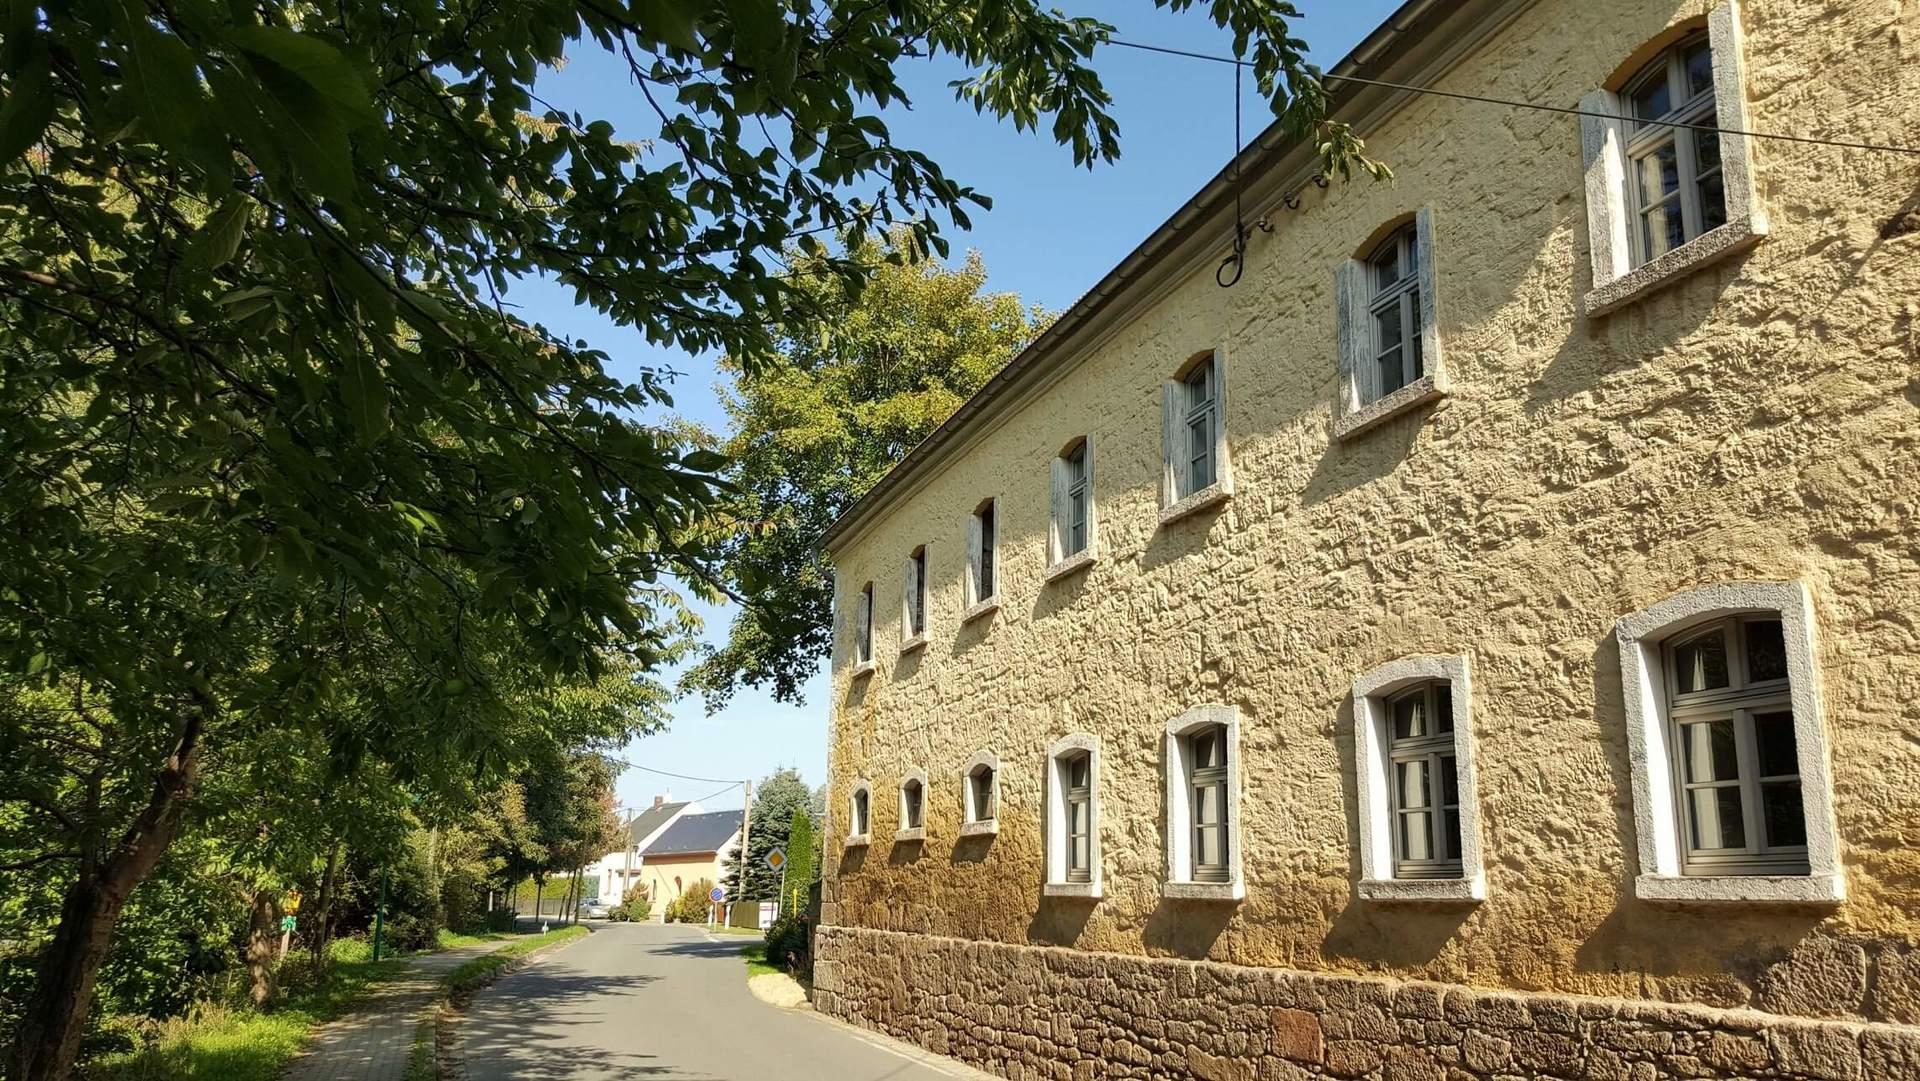 Rittergut Adlershof zu Oberlauterbach - Remisengebäude straßenseitig © Jens Reiher